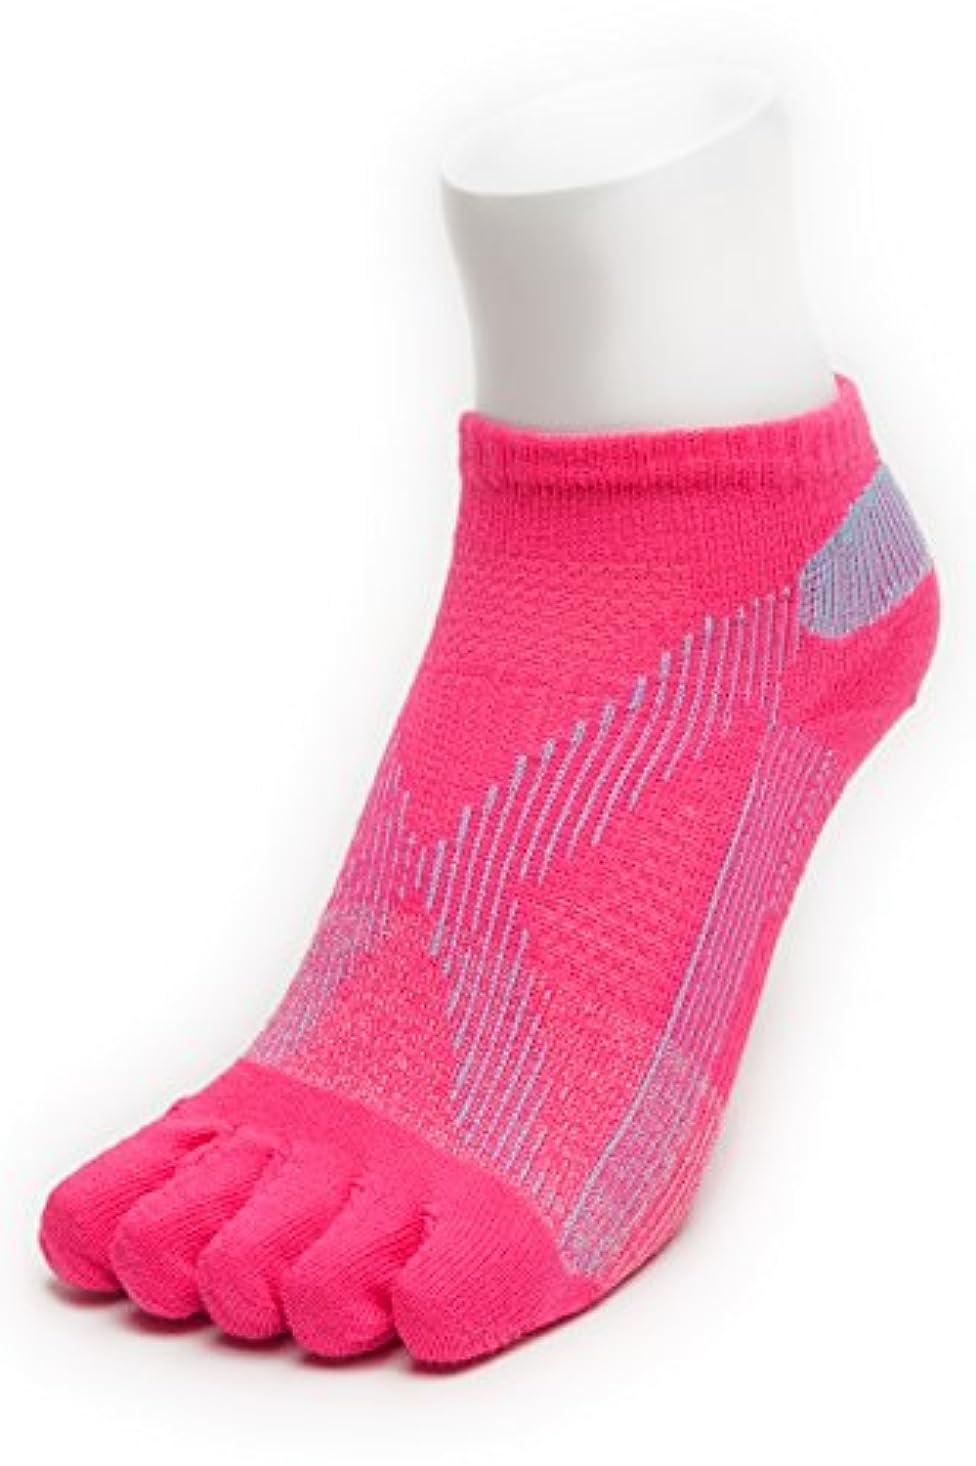 六月会議原理AIRエアーバリエ 5本指ソックス (22~25㎝?ピンク)テーピング ソックス 歩きやすく疲れにくい靴下 【エコノレッグ】【レディース 靴下】 (ピンク)